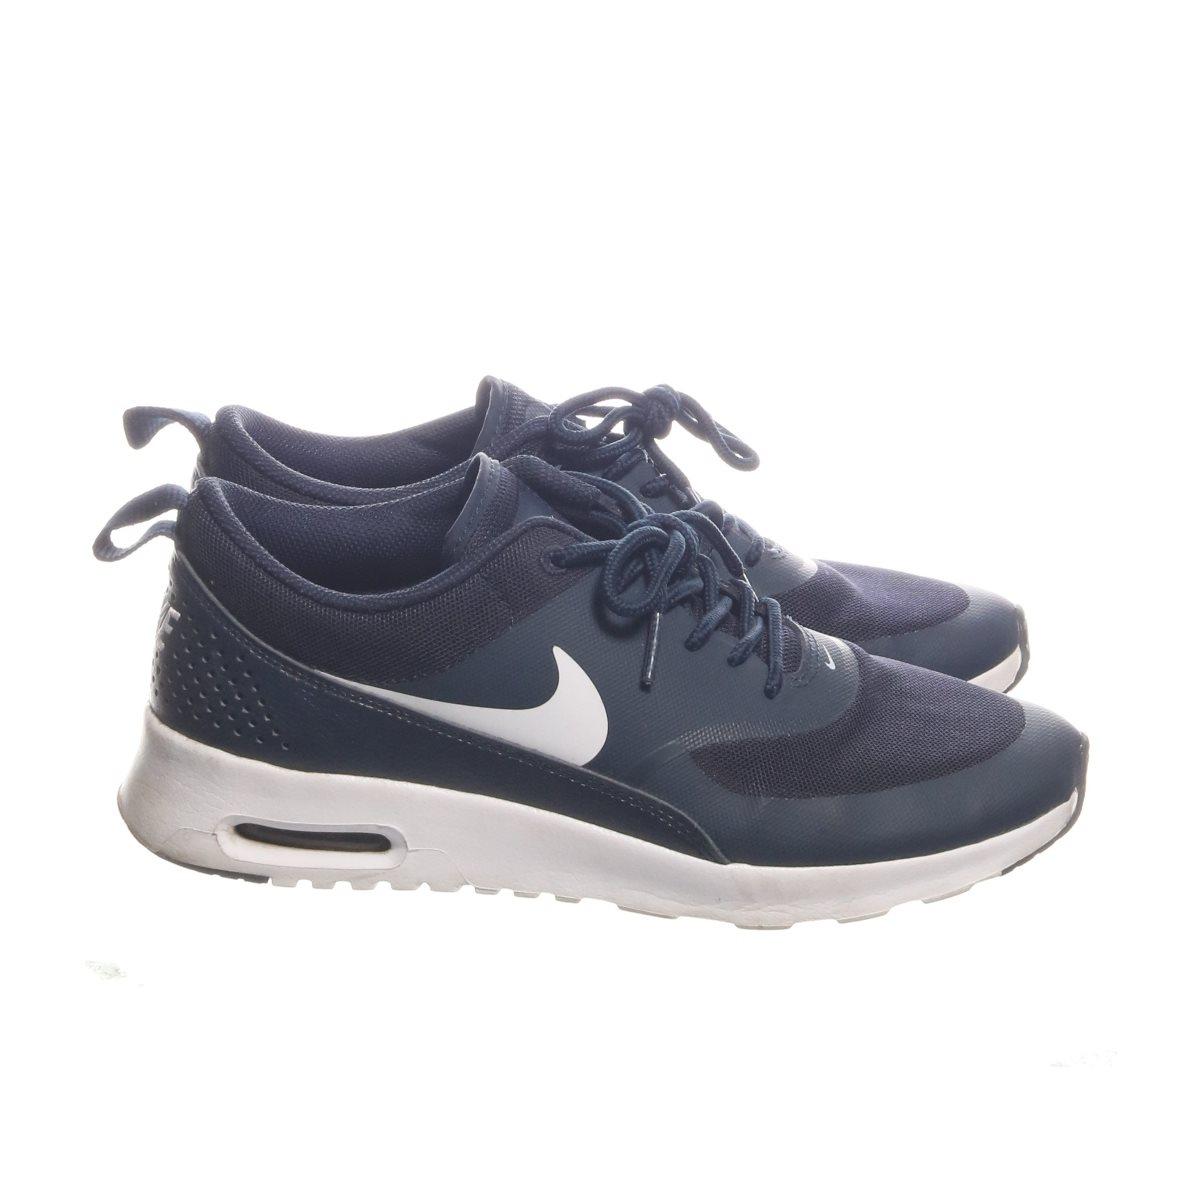 Nike, Sneakers, Strl: 38½, Air Max Thea, .. (338977384) ᐈ